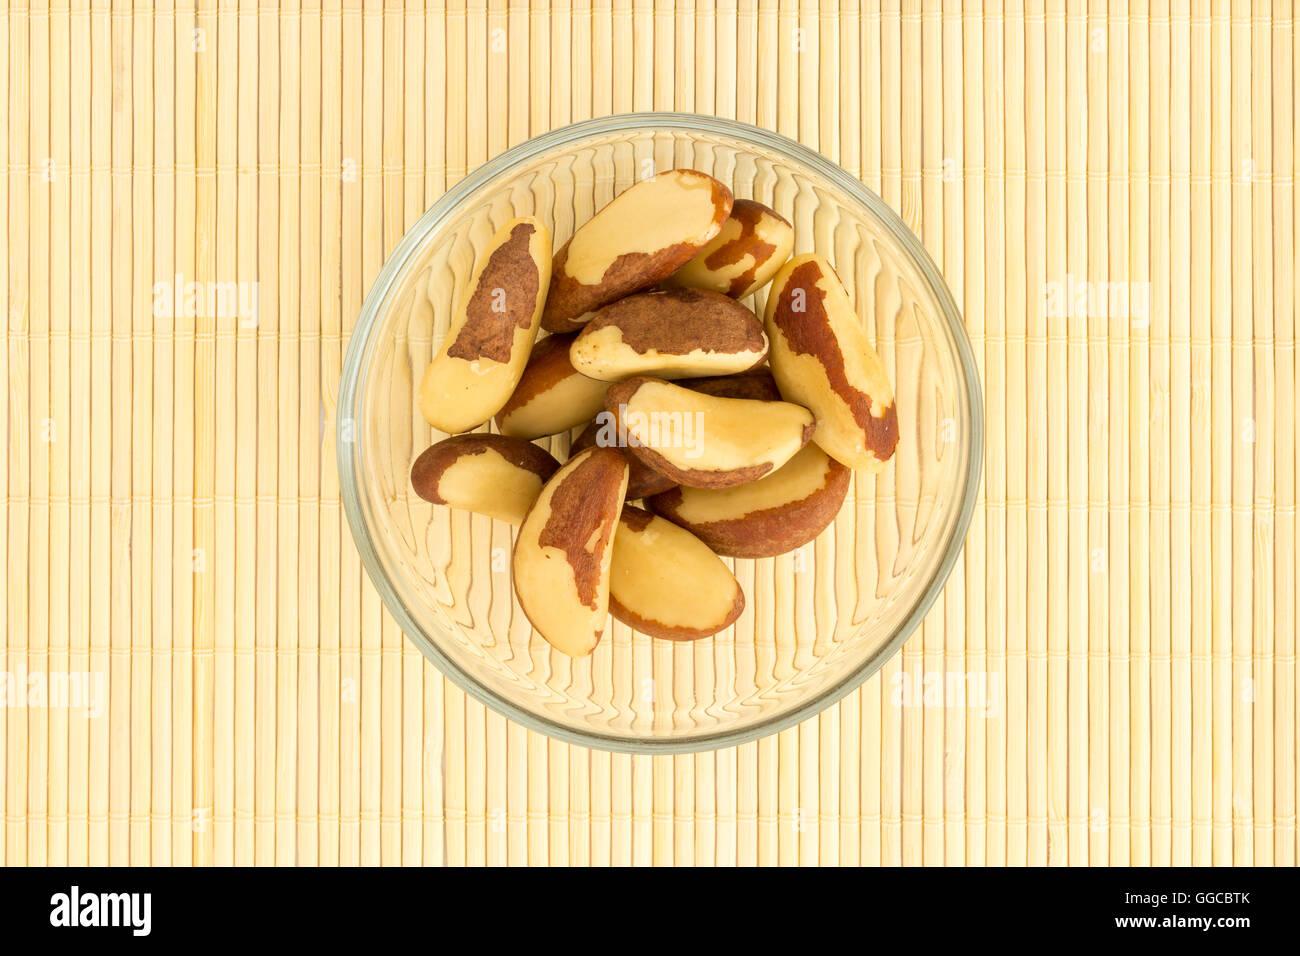 Tazón de vidrio con las nueces del Brasil sobre bambo mat. Esta tuerca es rica fuente de selenio y antioxidante Imagen De Stock